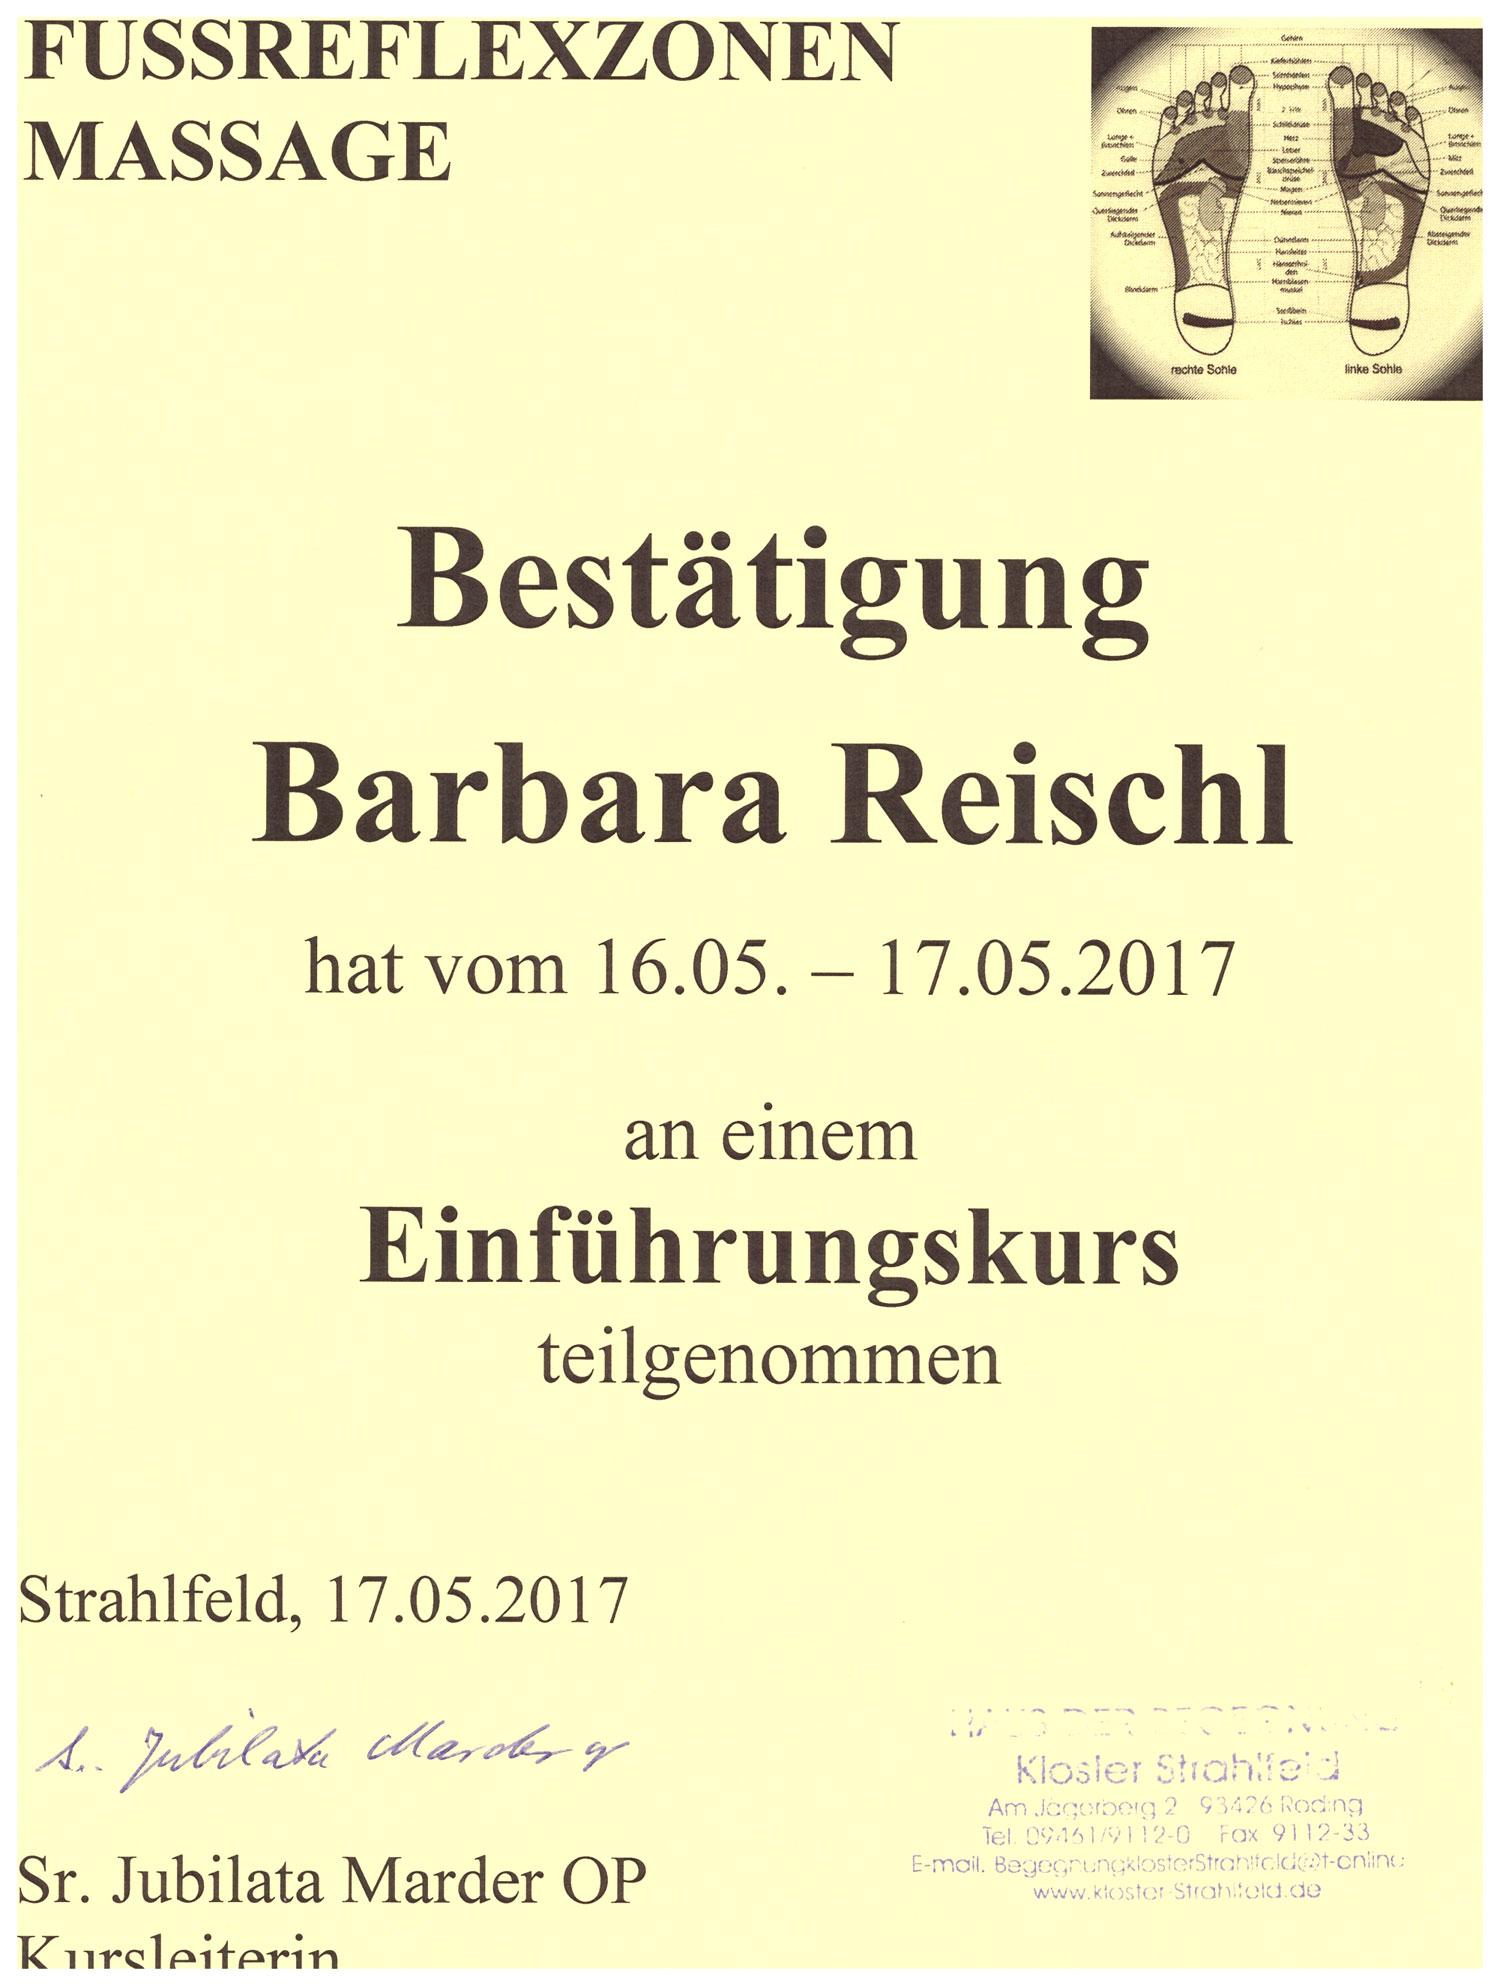 Barbara Reischl - Fußreflexzonen-Massage Einführungskurs